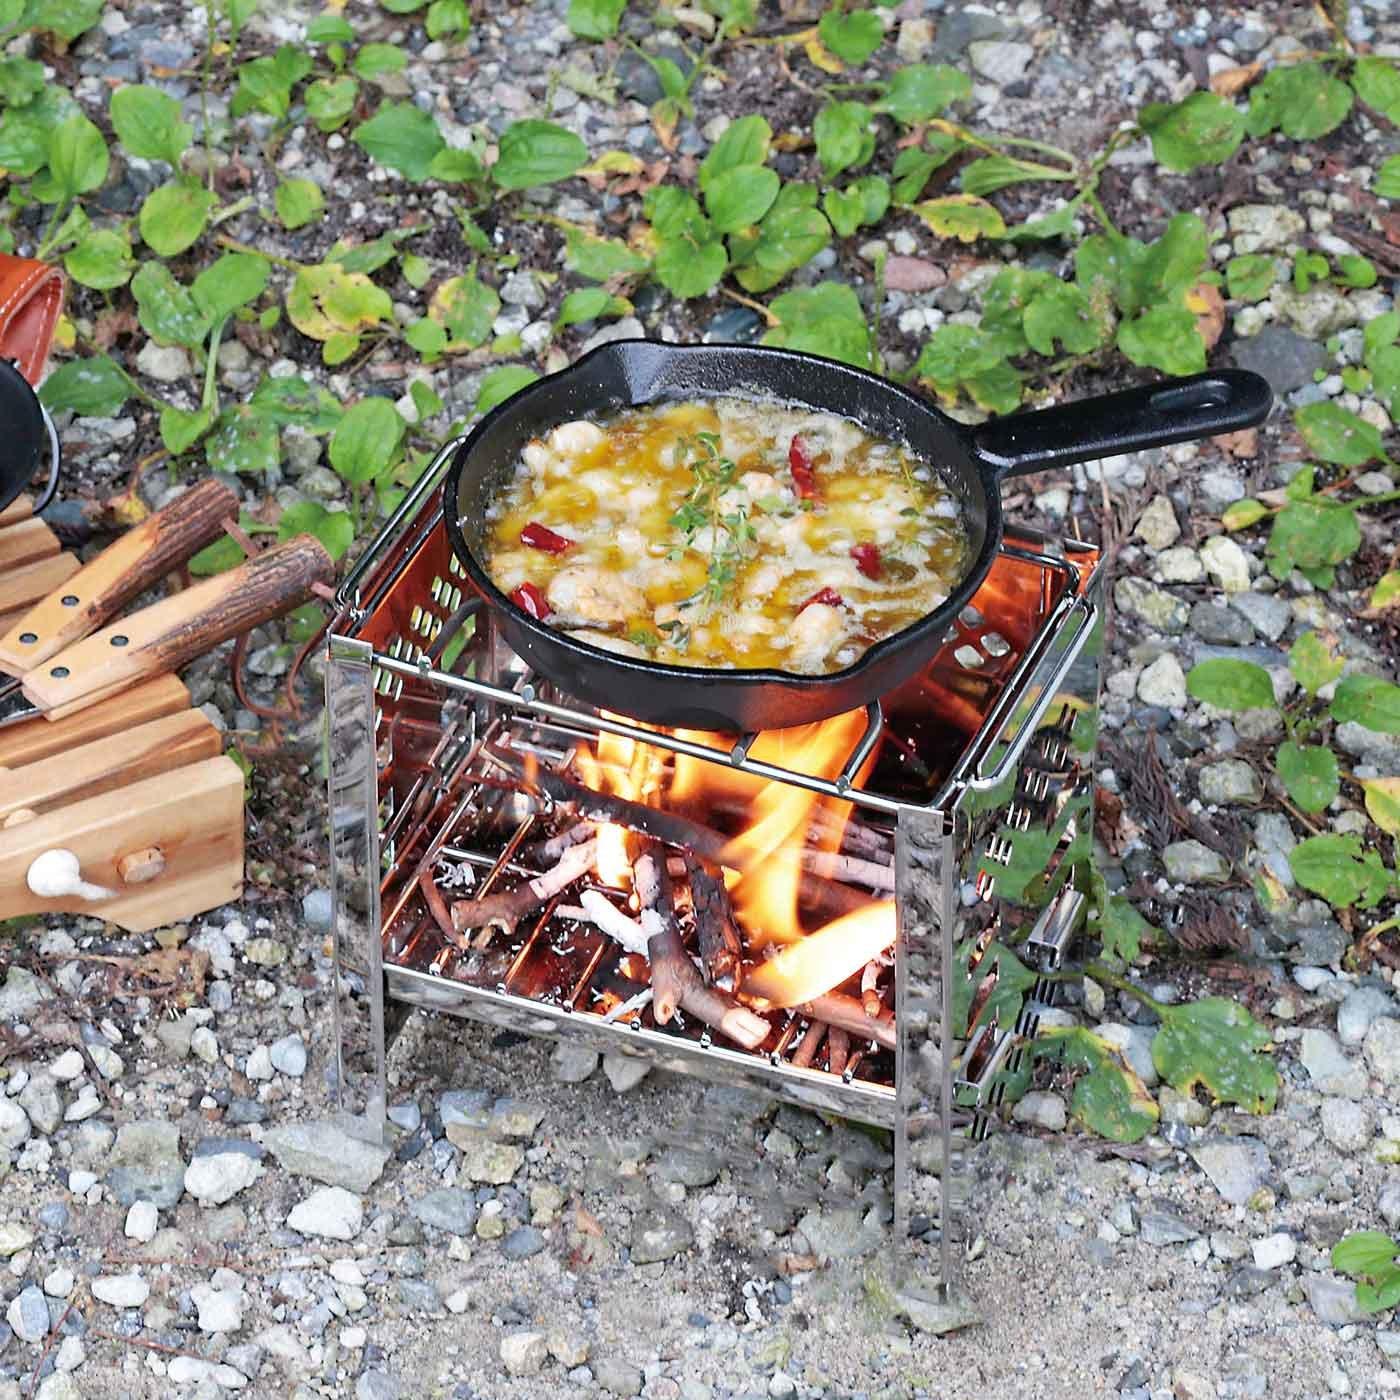 ソロキャンプにもおすすめ! 小スペースで煮炊きや焼き物もできるスマートグリル〈B6型〉